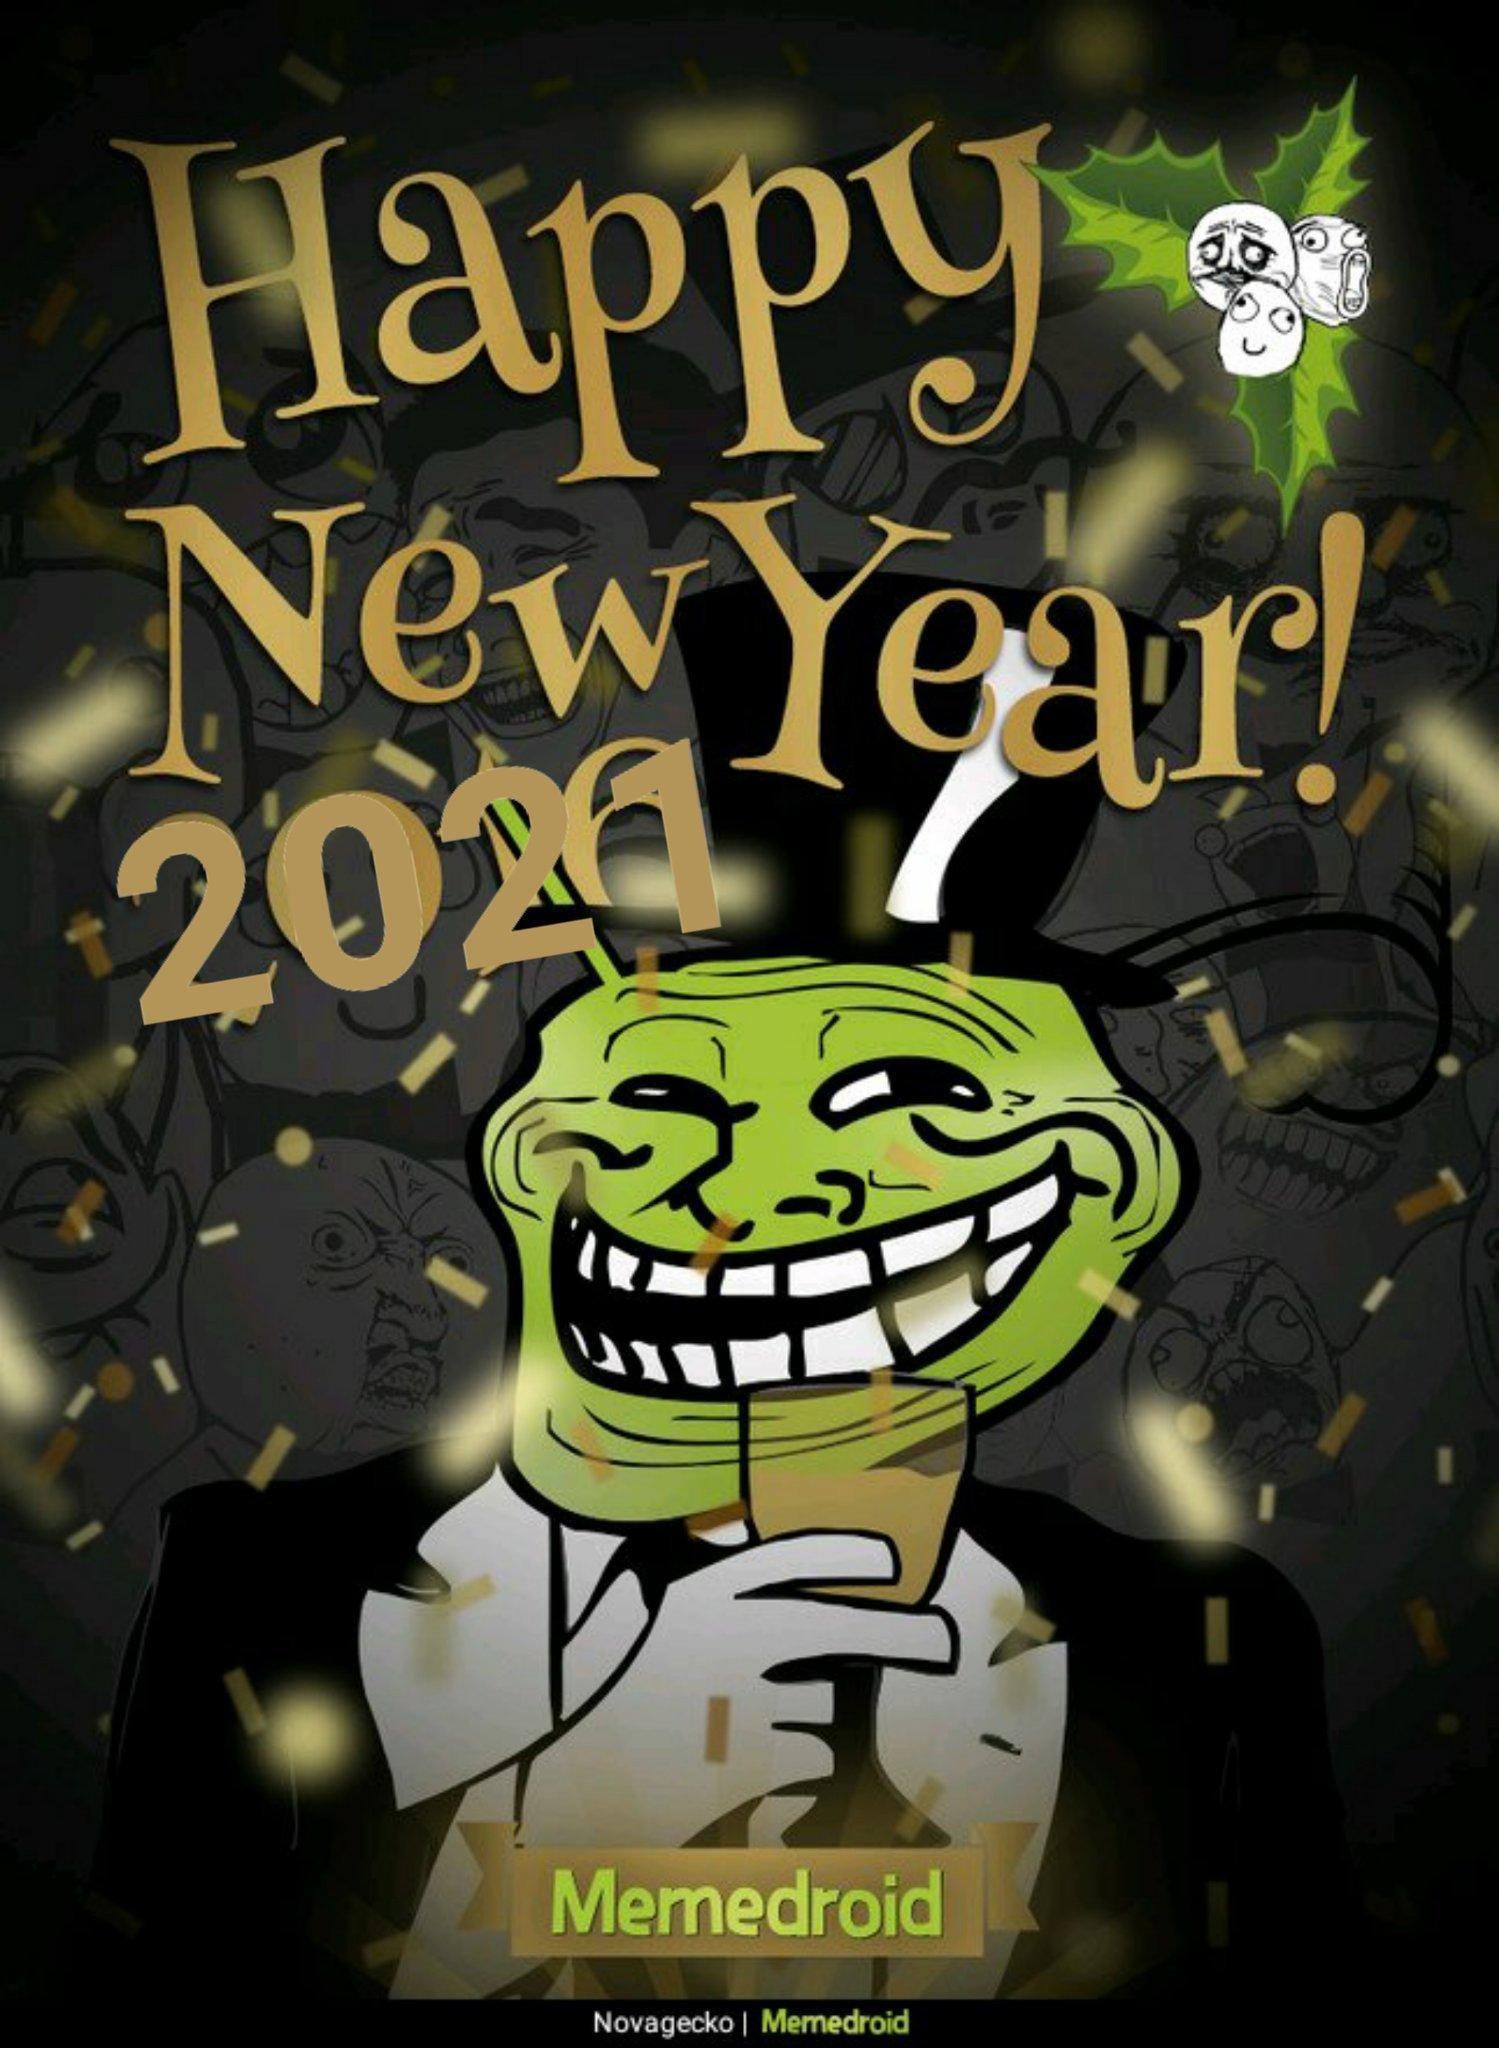 4444ème meme!  Bonne année memedroid !